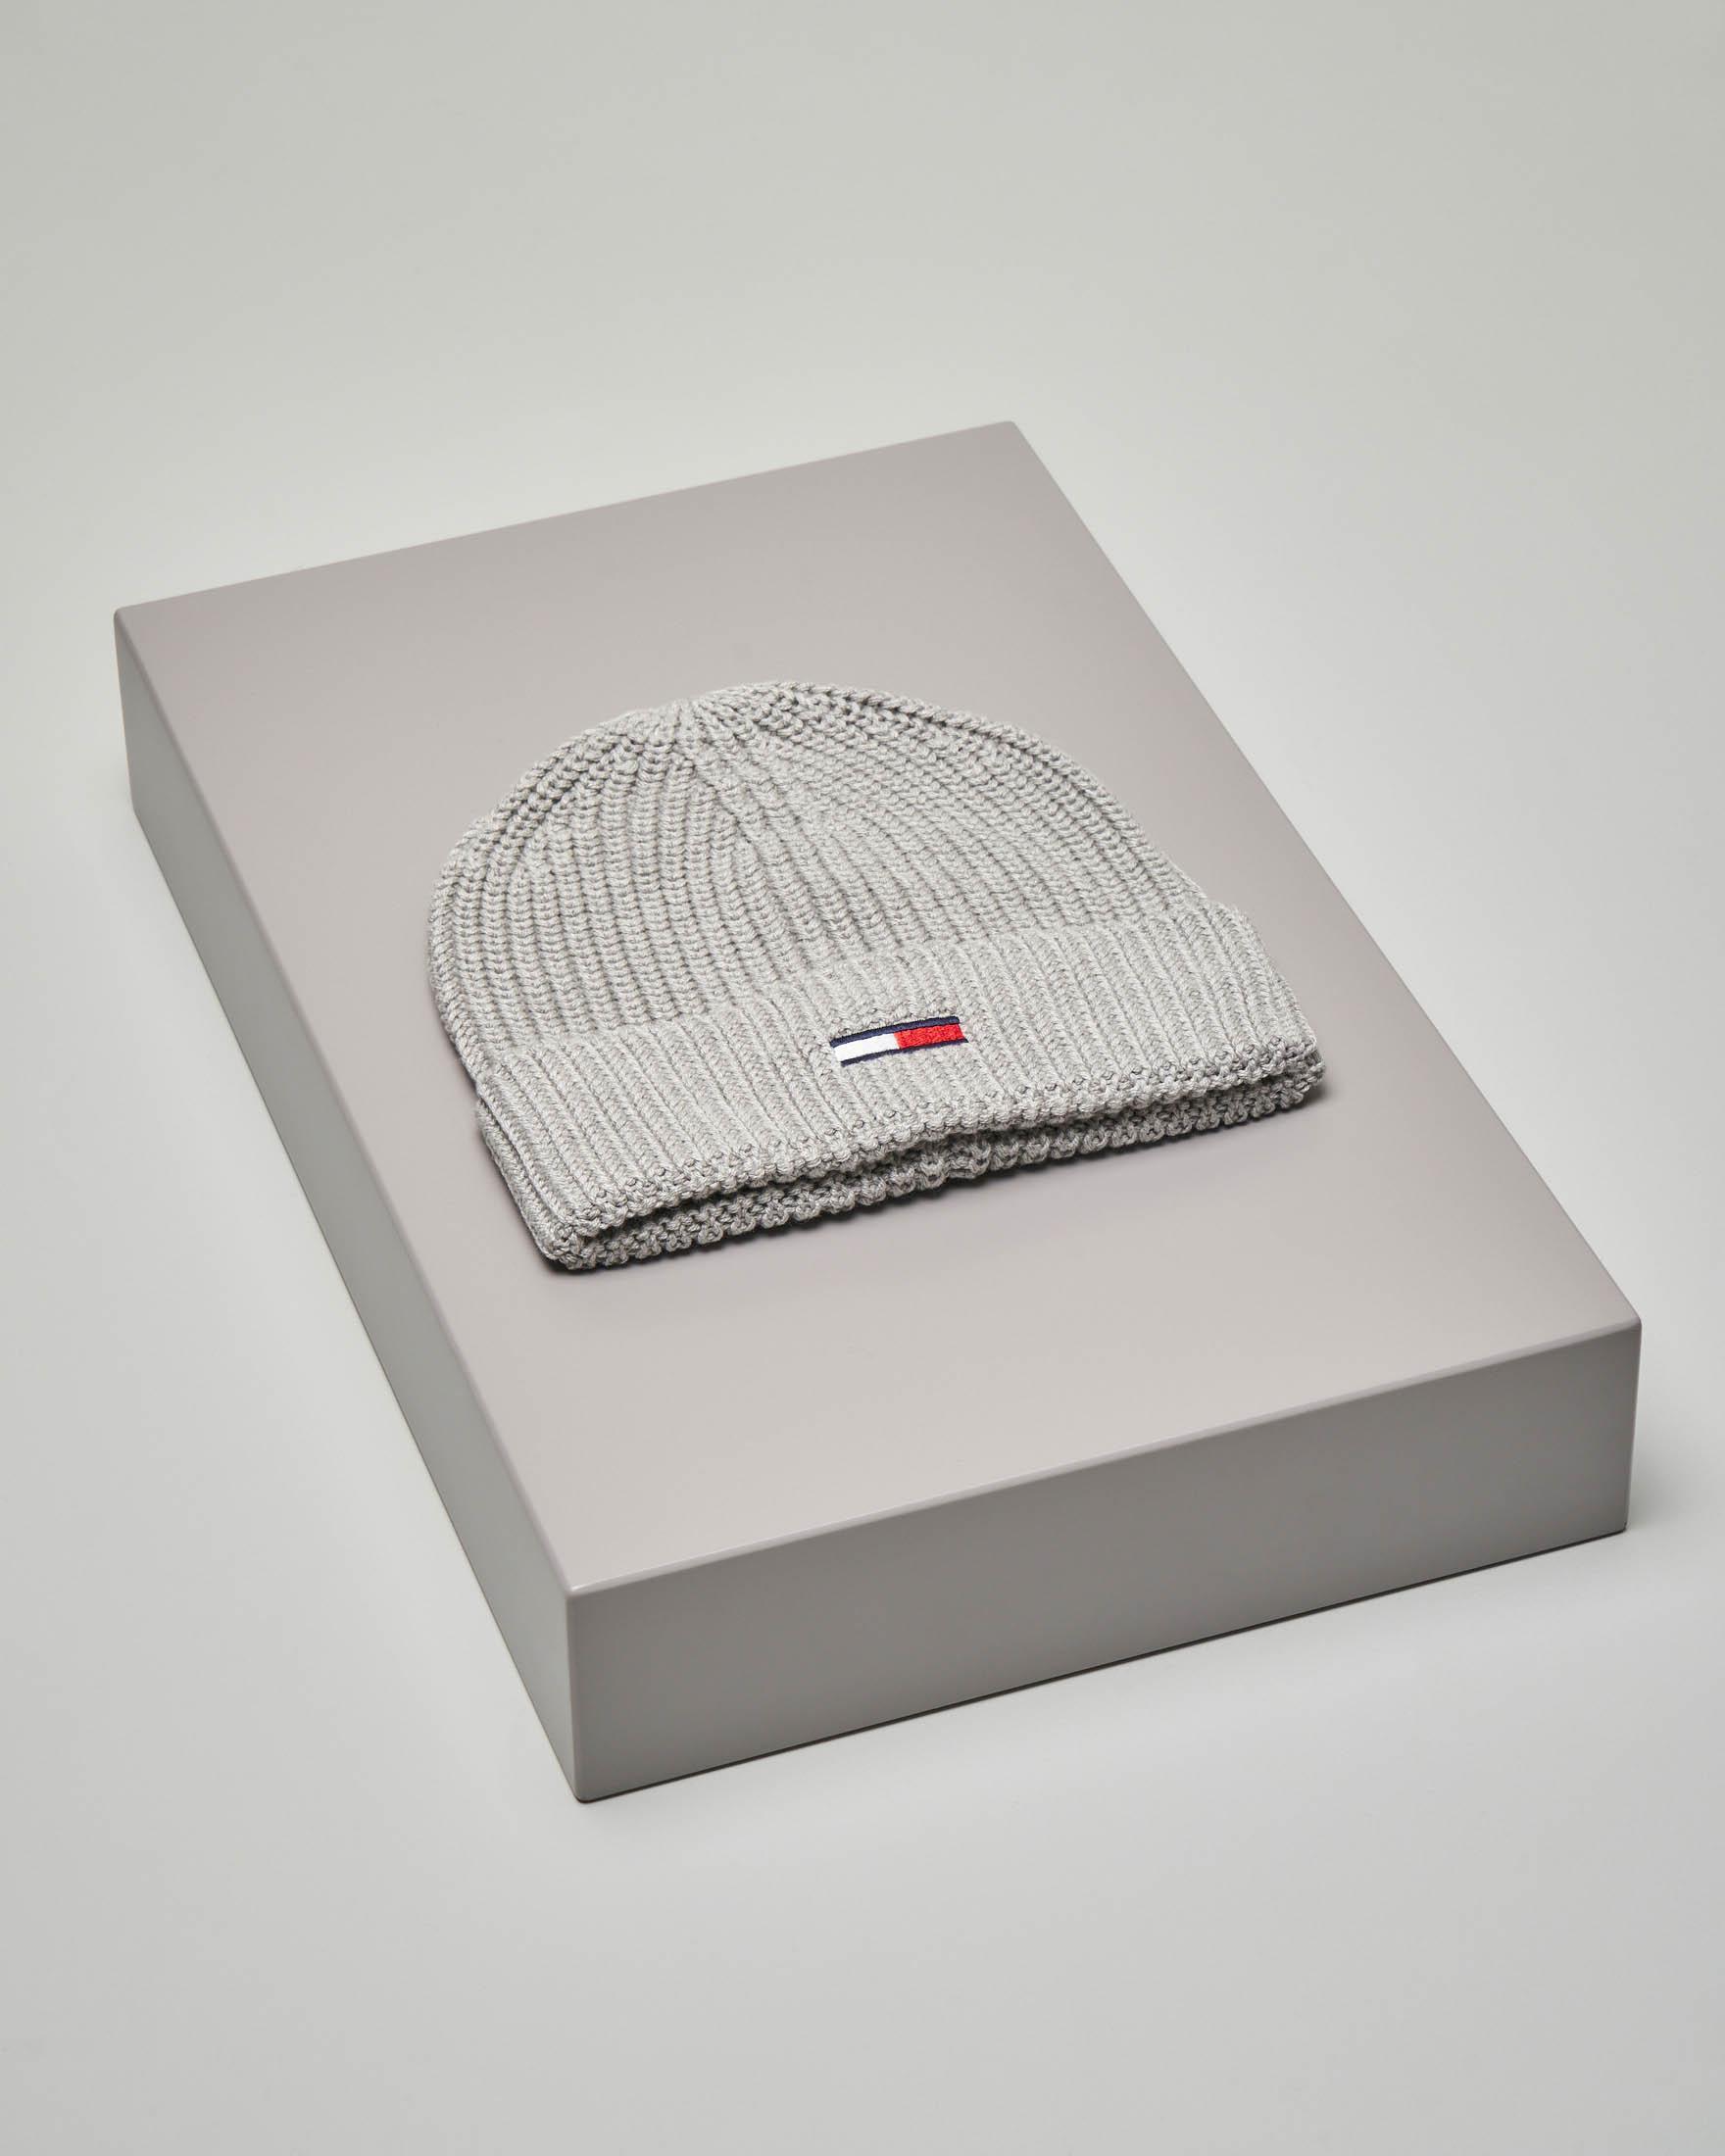 Berretto tricot grigio con bandiera logo a contrasto di colore